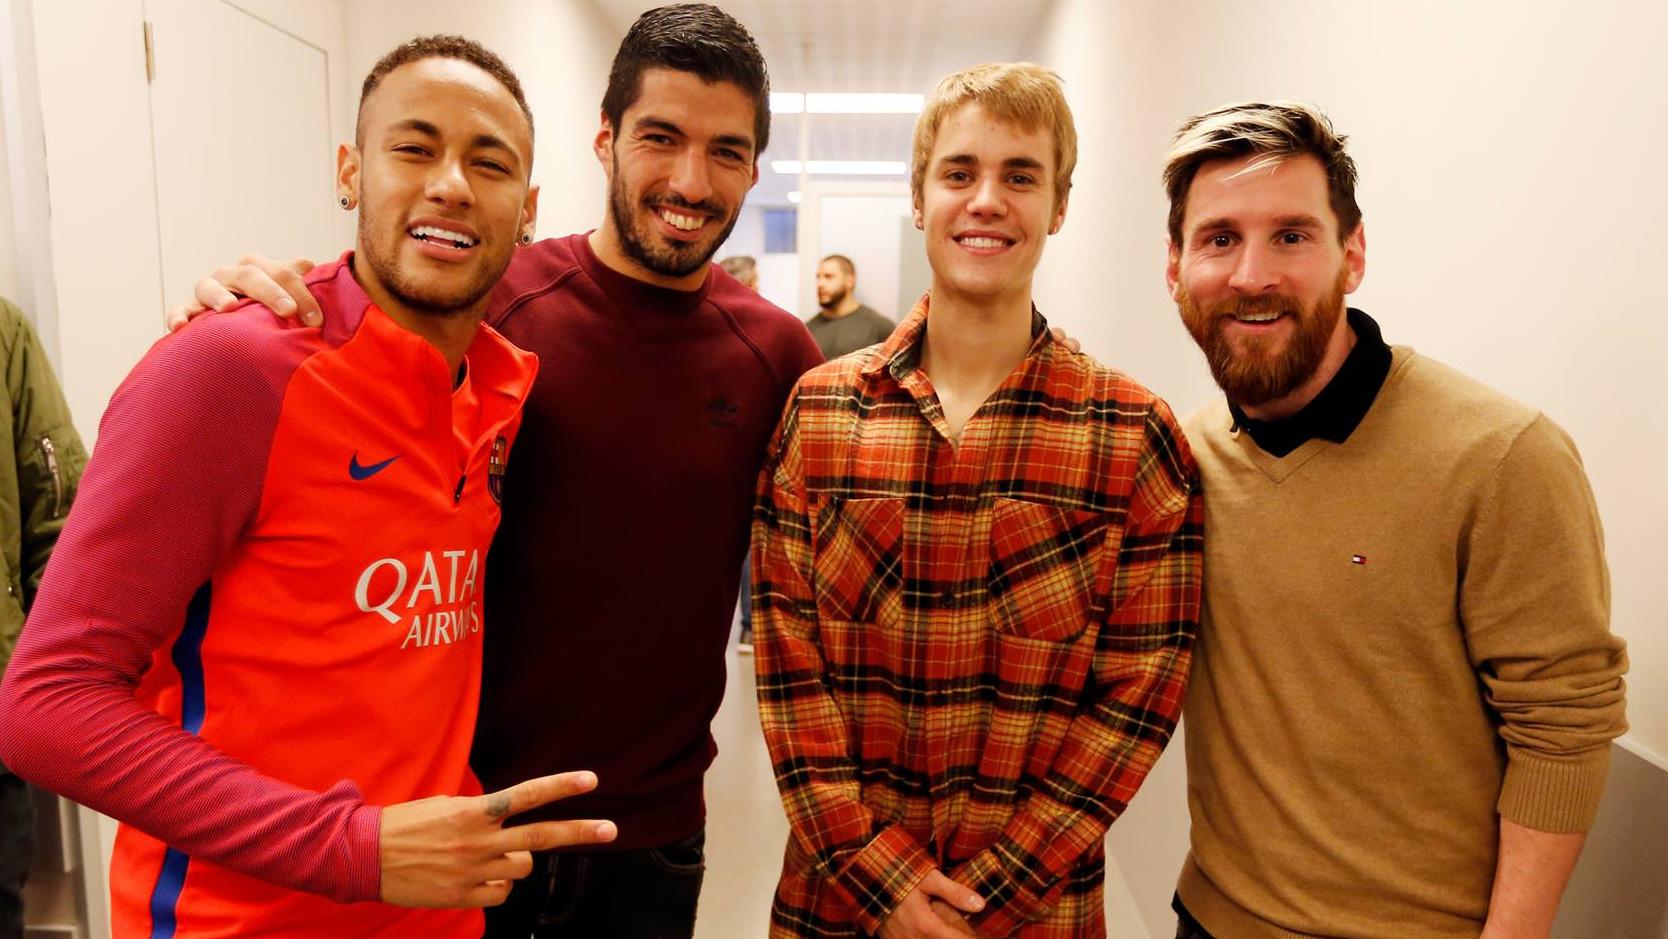 Bieberbarcelona